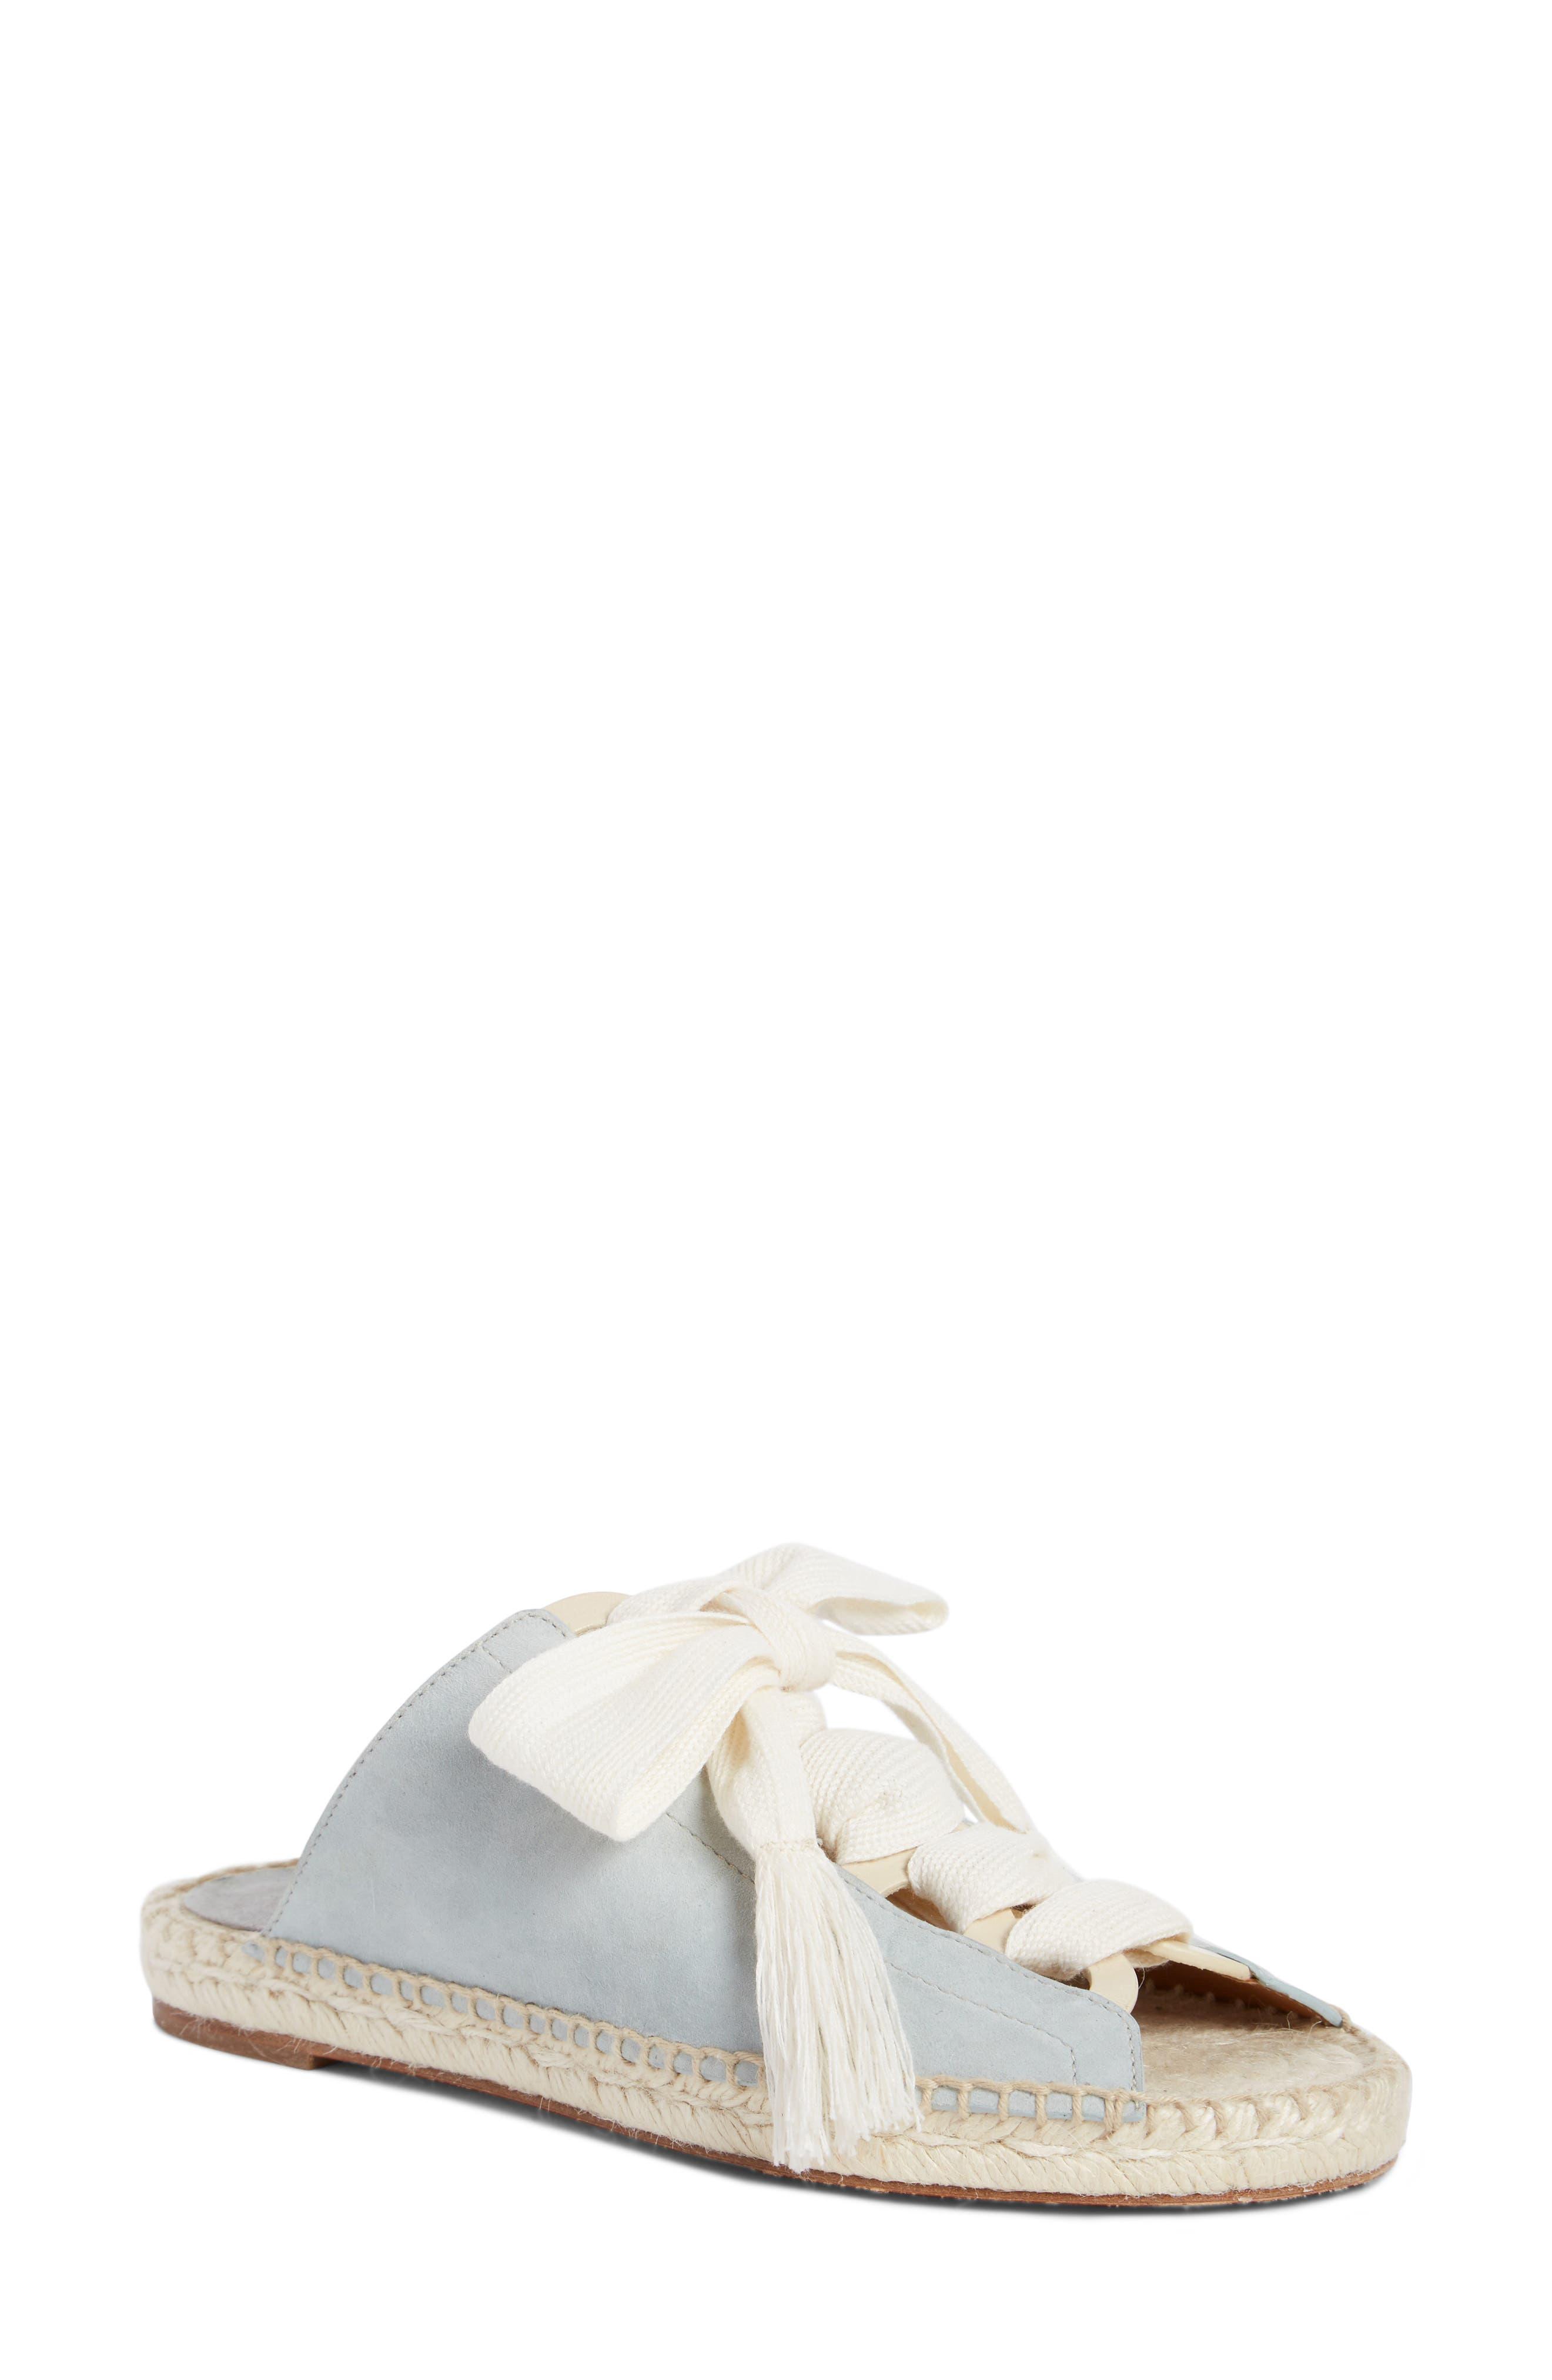 Harper Lace-Up Espadrille Slide Sandal,                         Main,                         color, 450